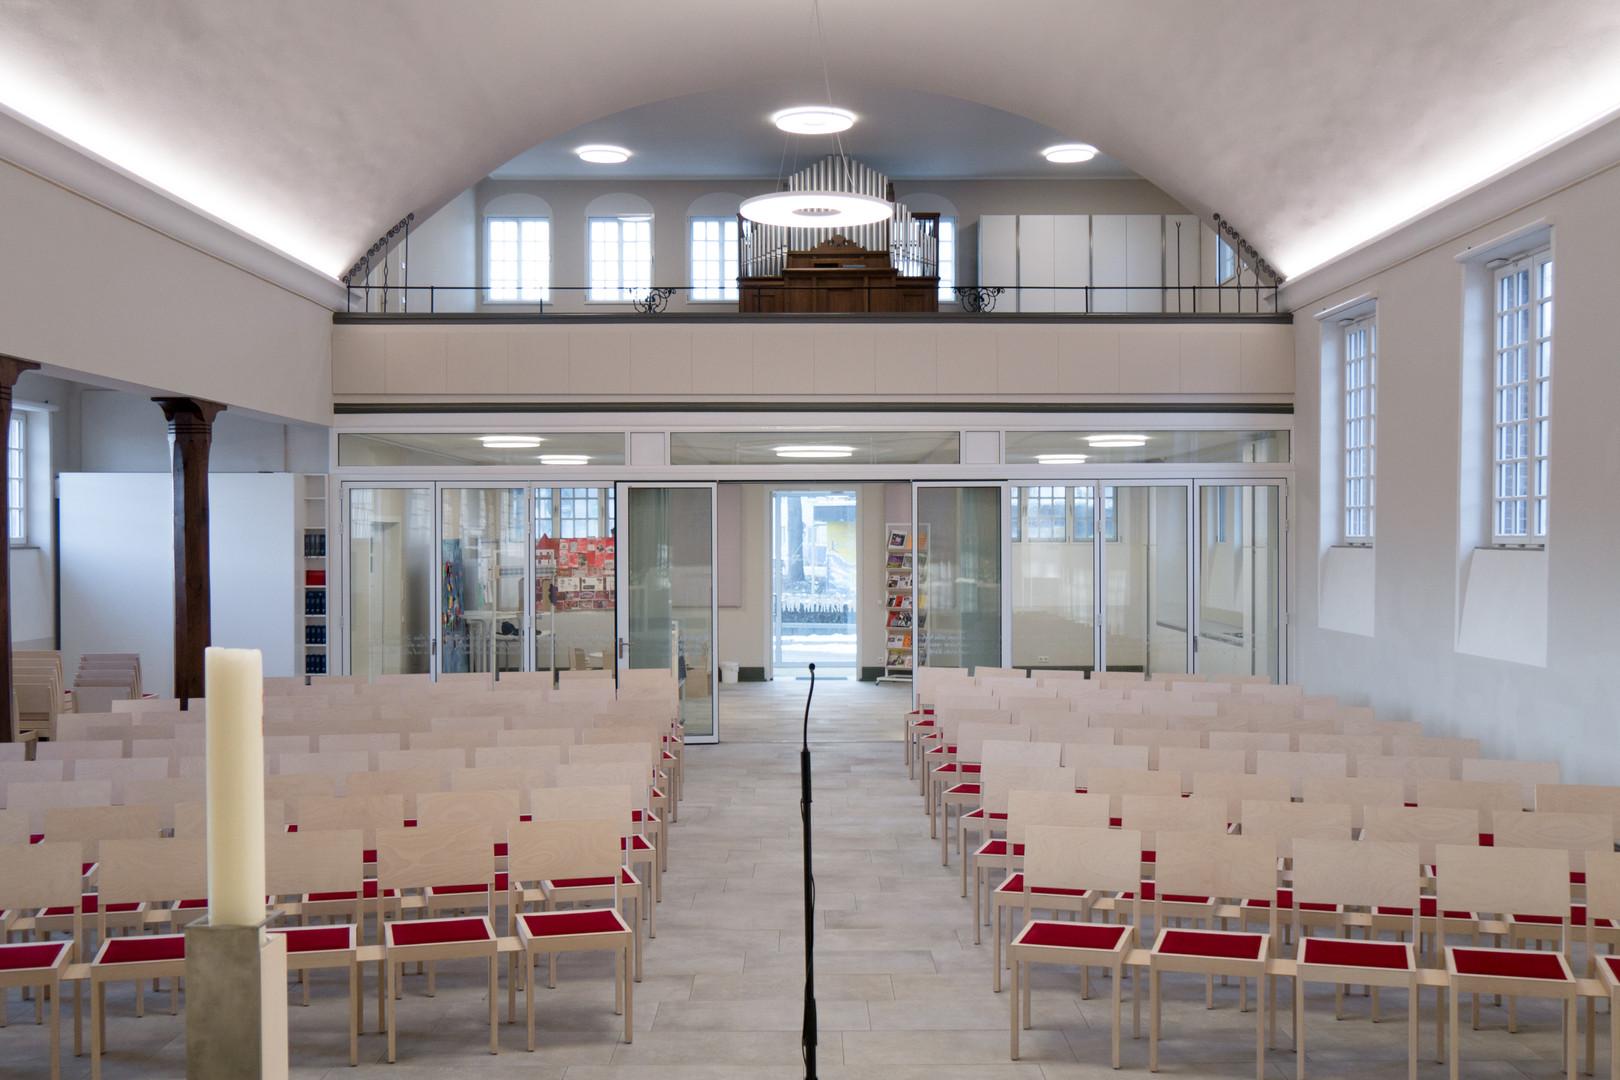 .EVANGELISCHE GESAMTKIRCHENPFLEGE KIRCHHEIM | UMBAU UND SANIERUNG CHRISTUSKIRCHE | KIRCHHEIM UNTER TECK